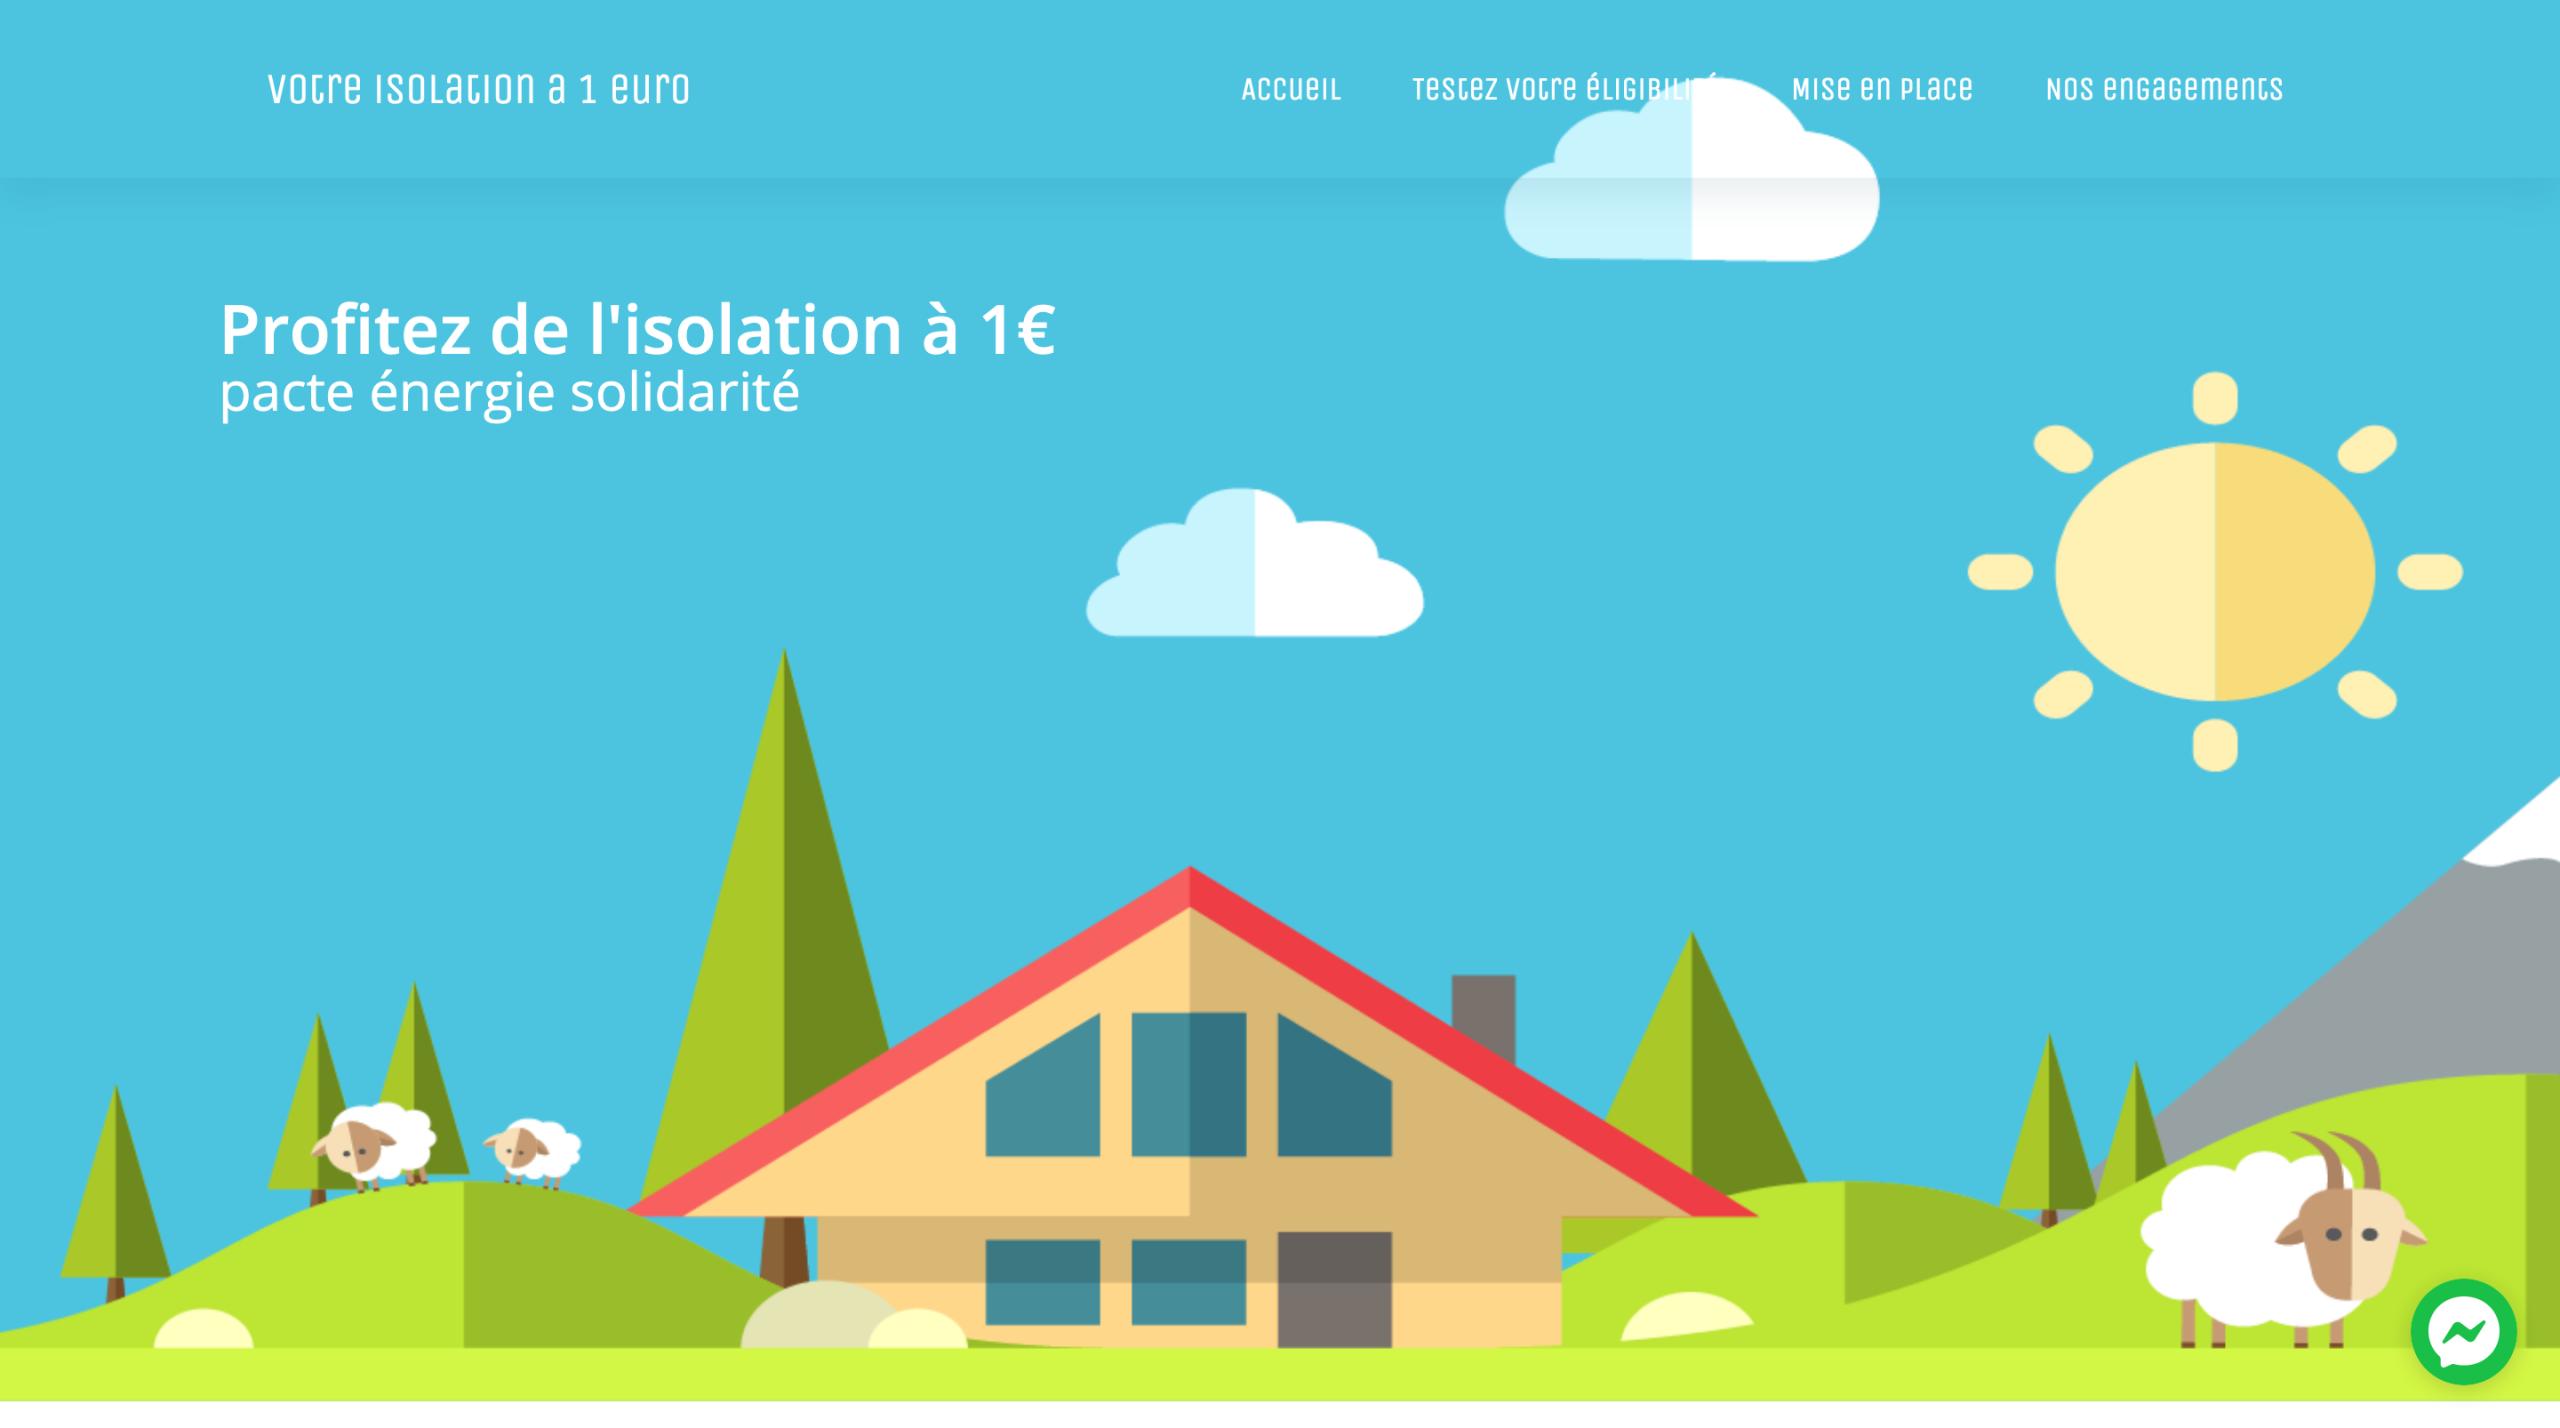 Screenshot_2019-09-02 Connect Votre isolation à 1 euro